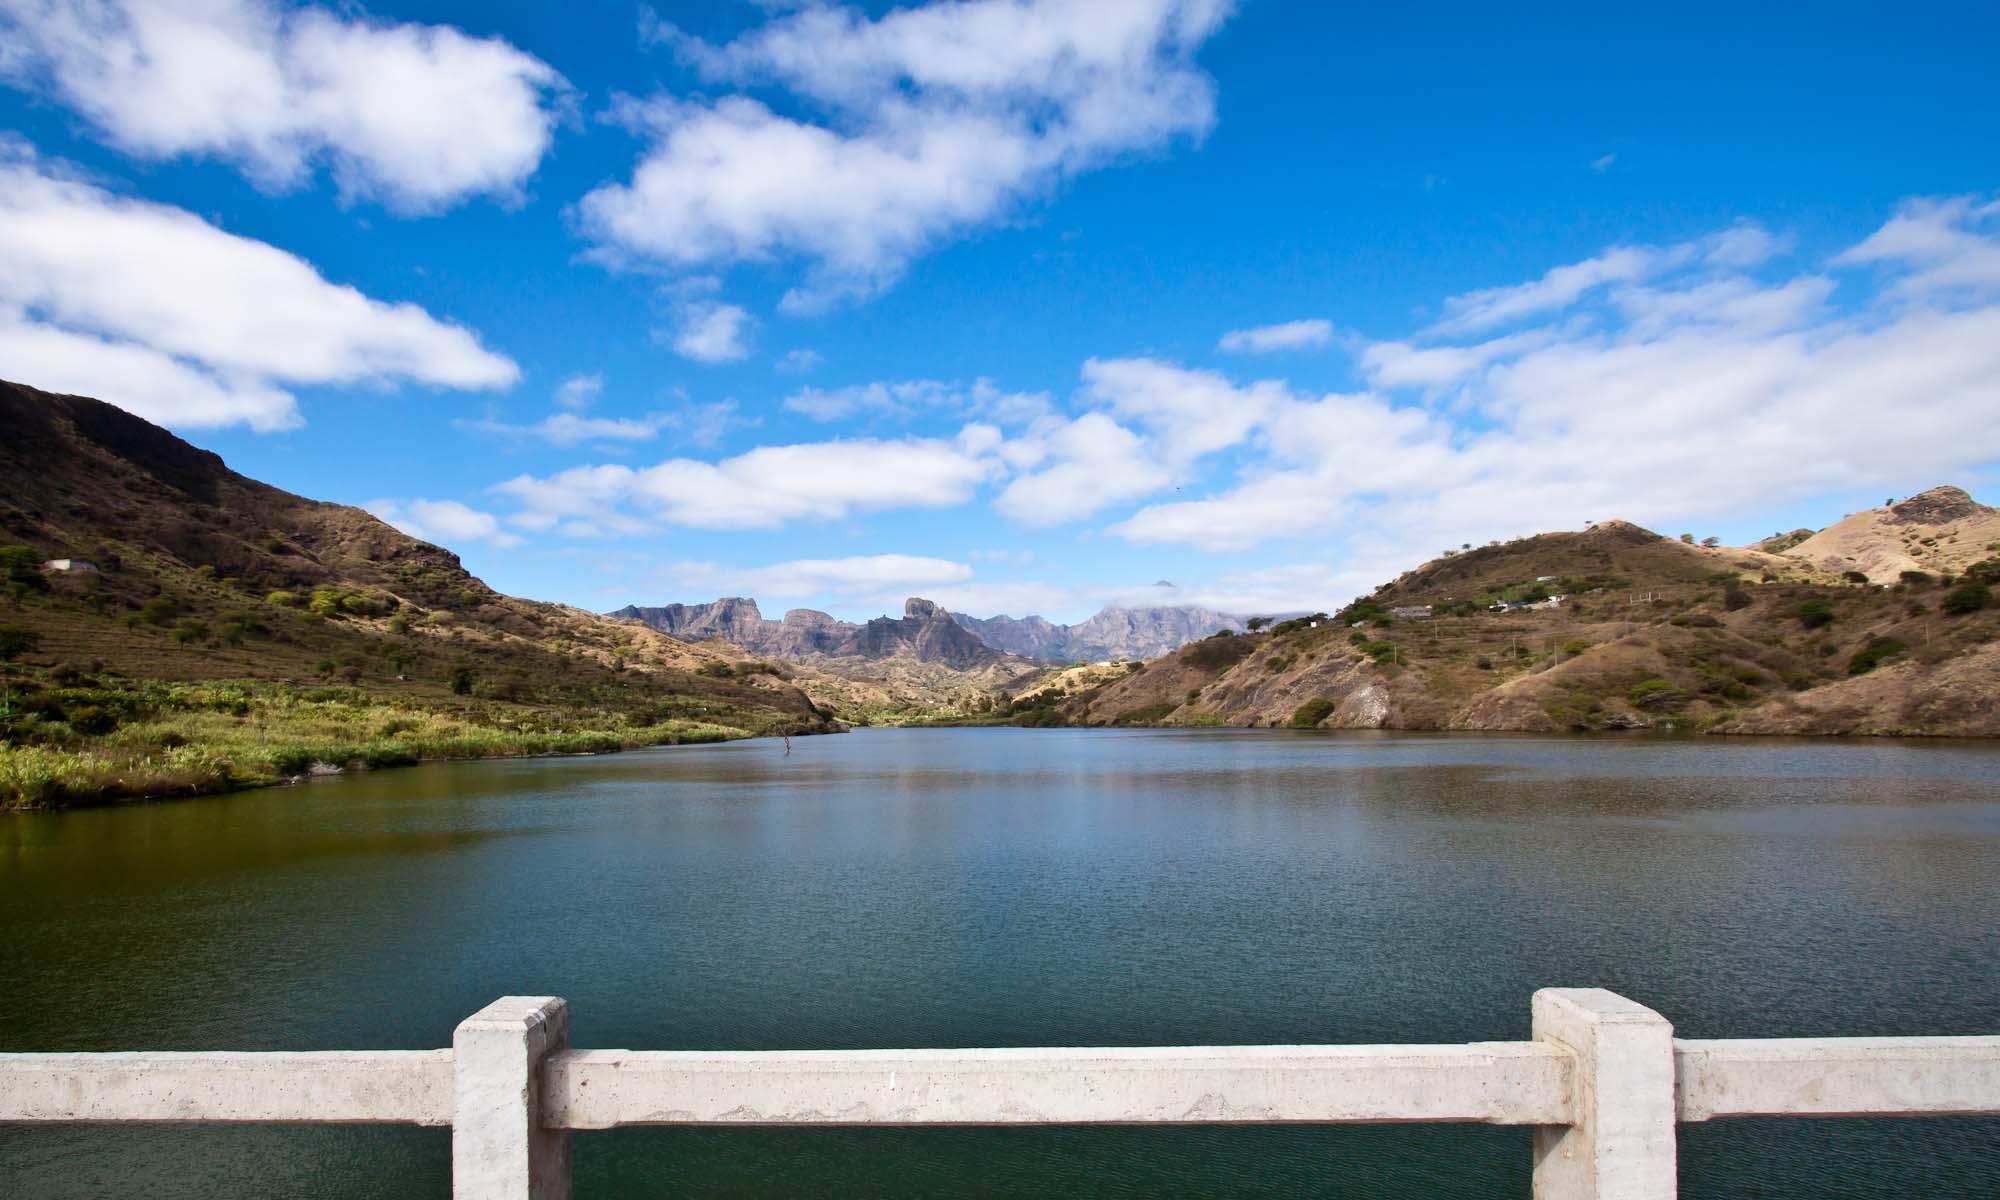 Barragem Poilao